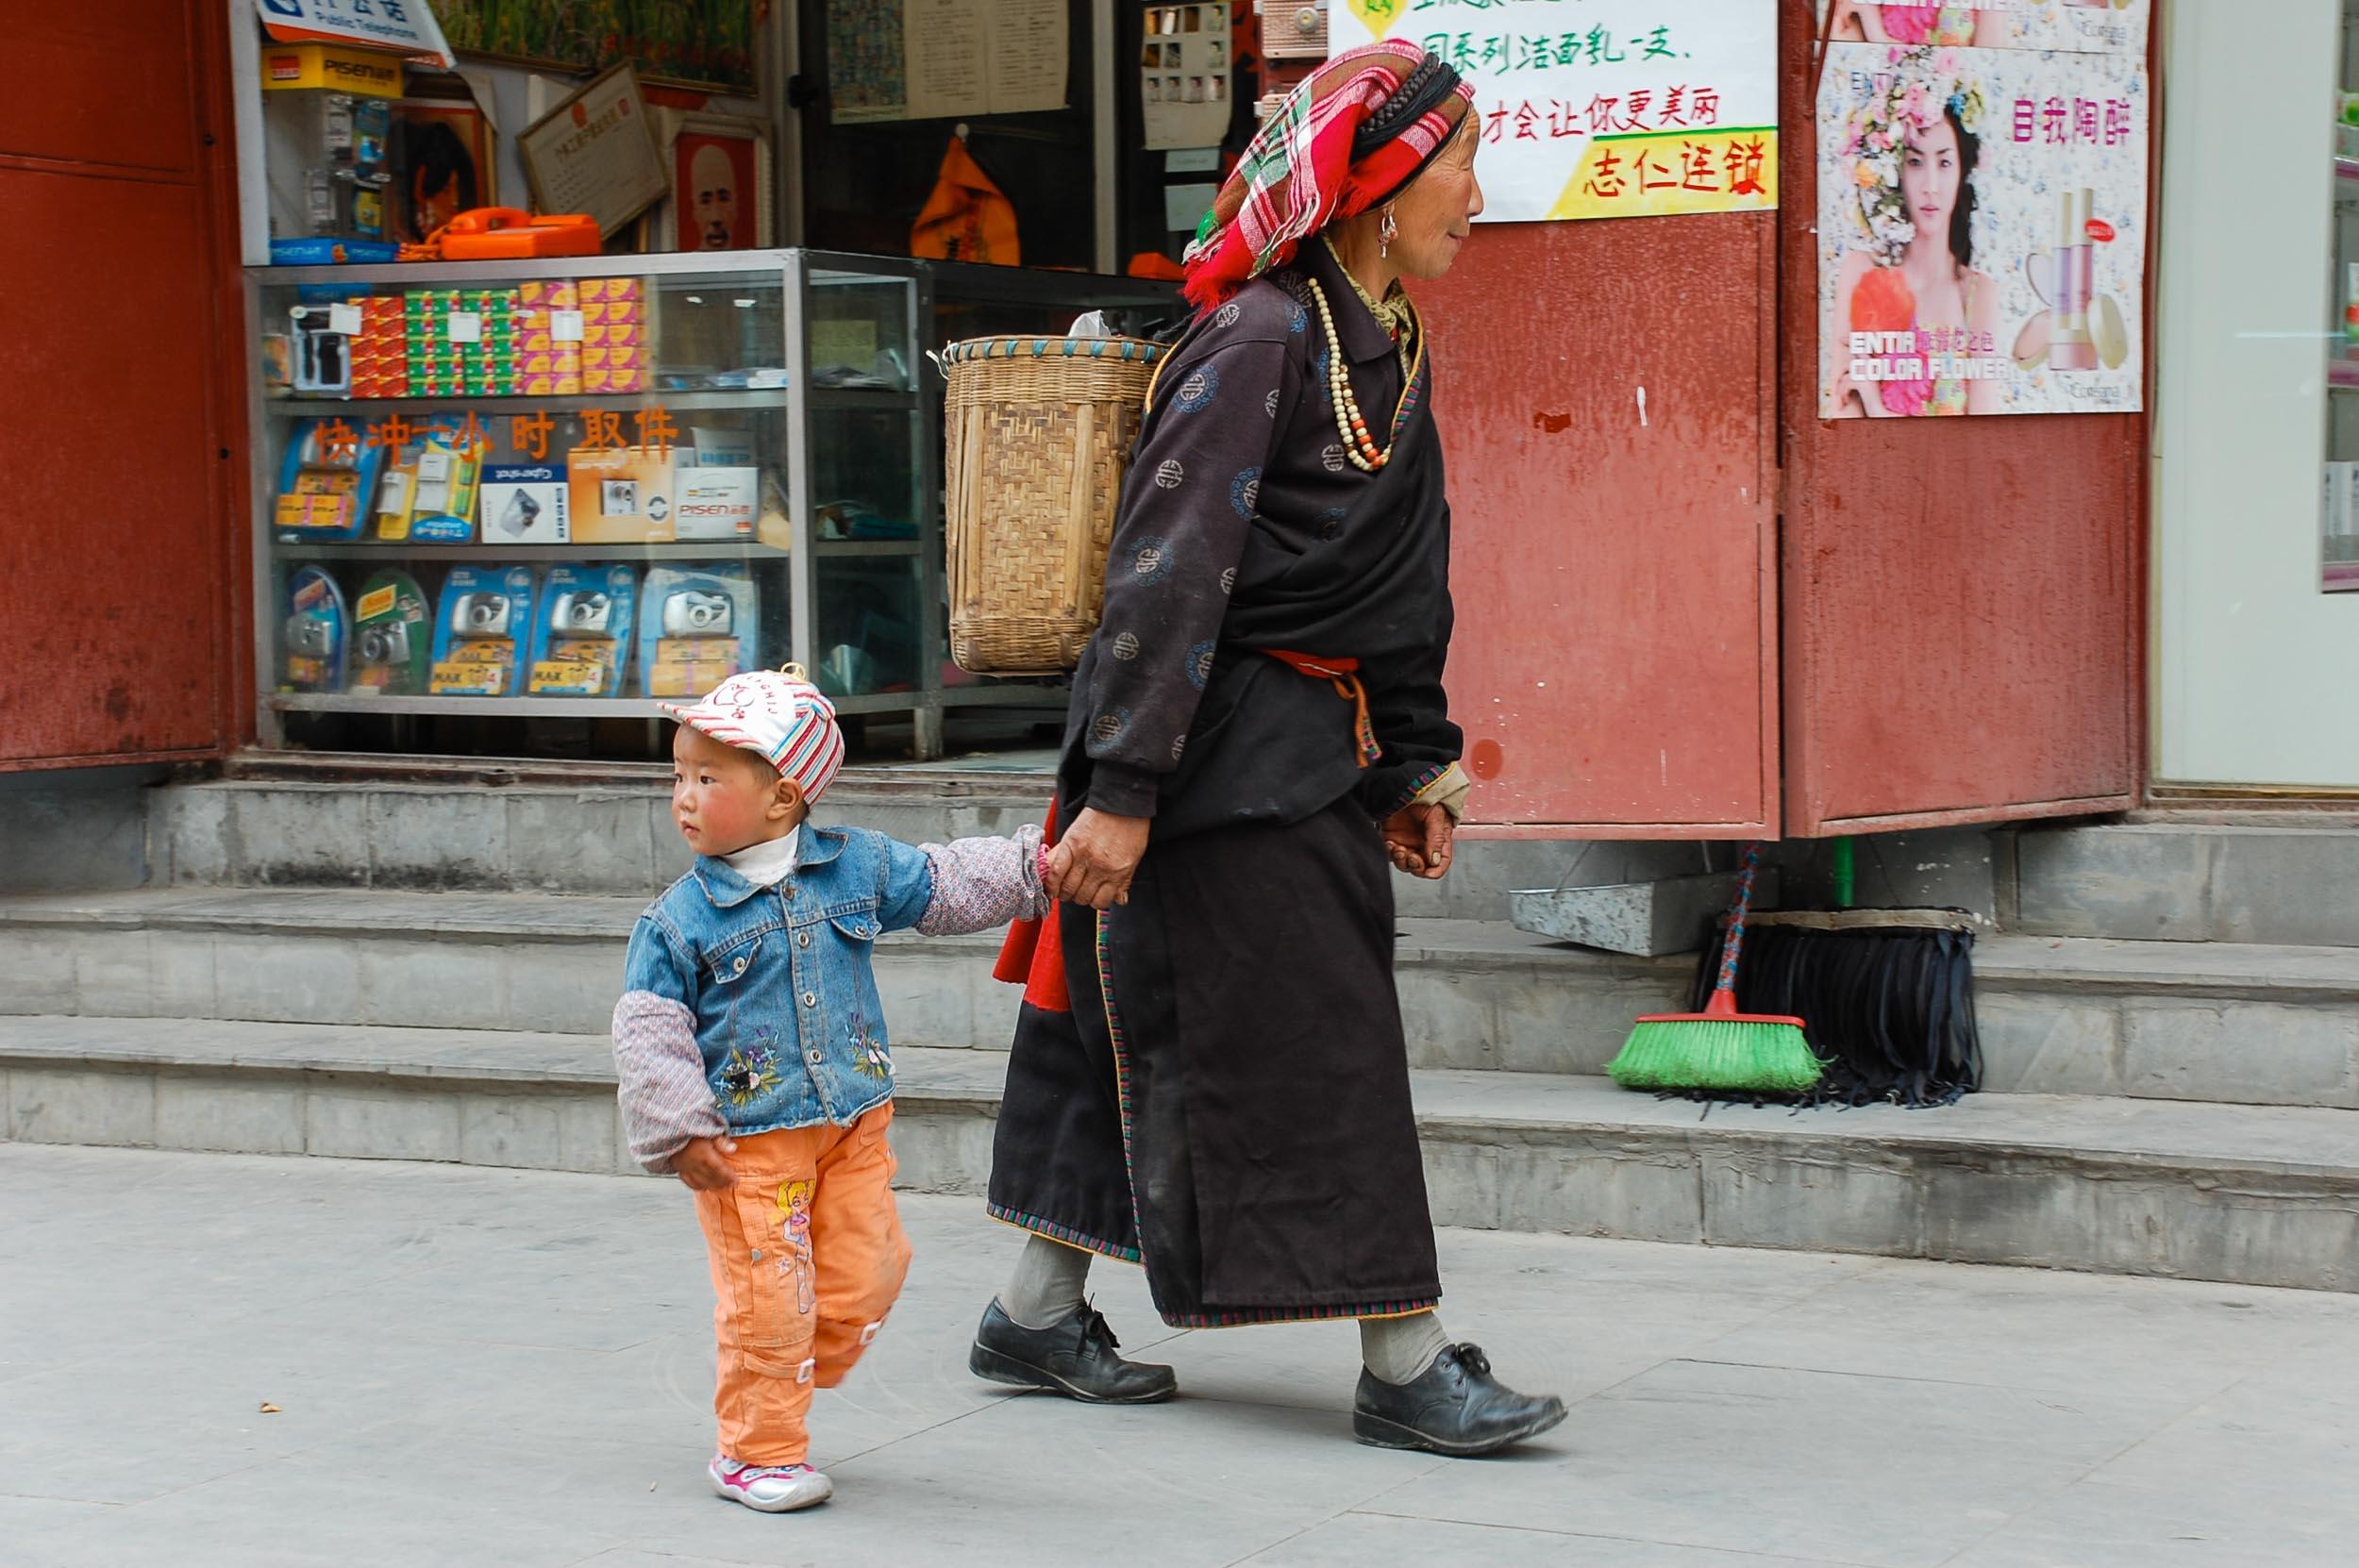 松潘 民族衣装の女性と孫